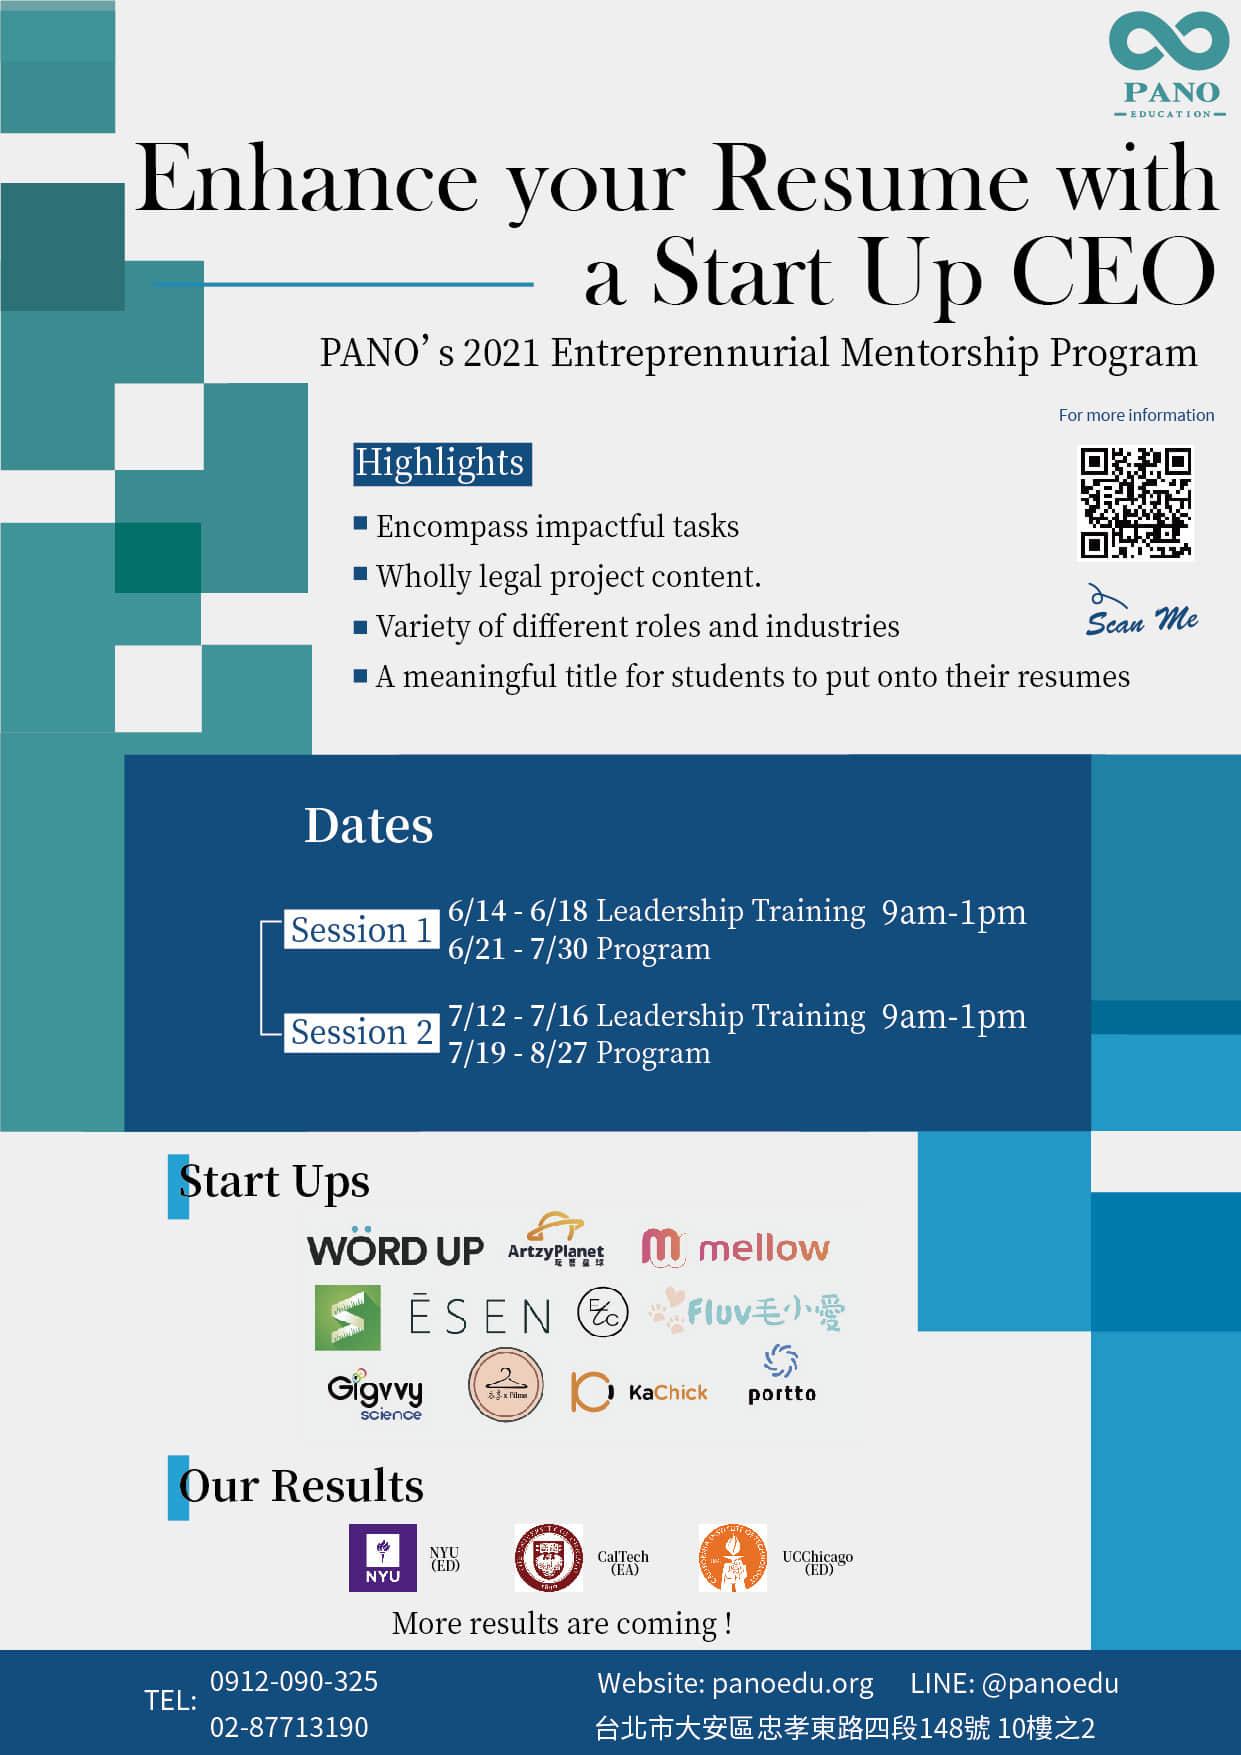 pano startup